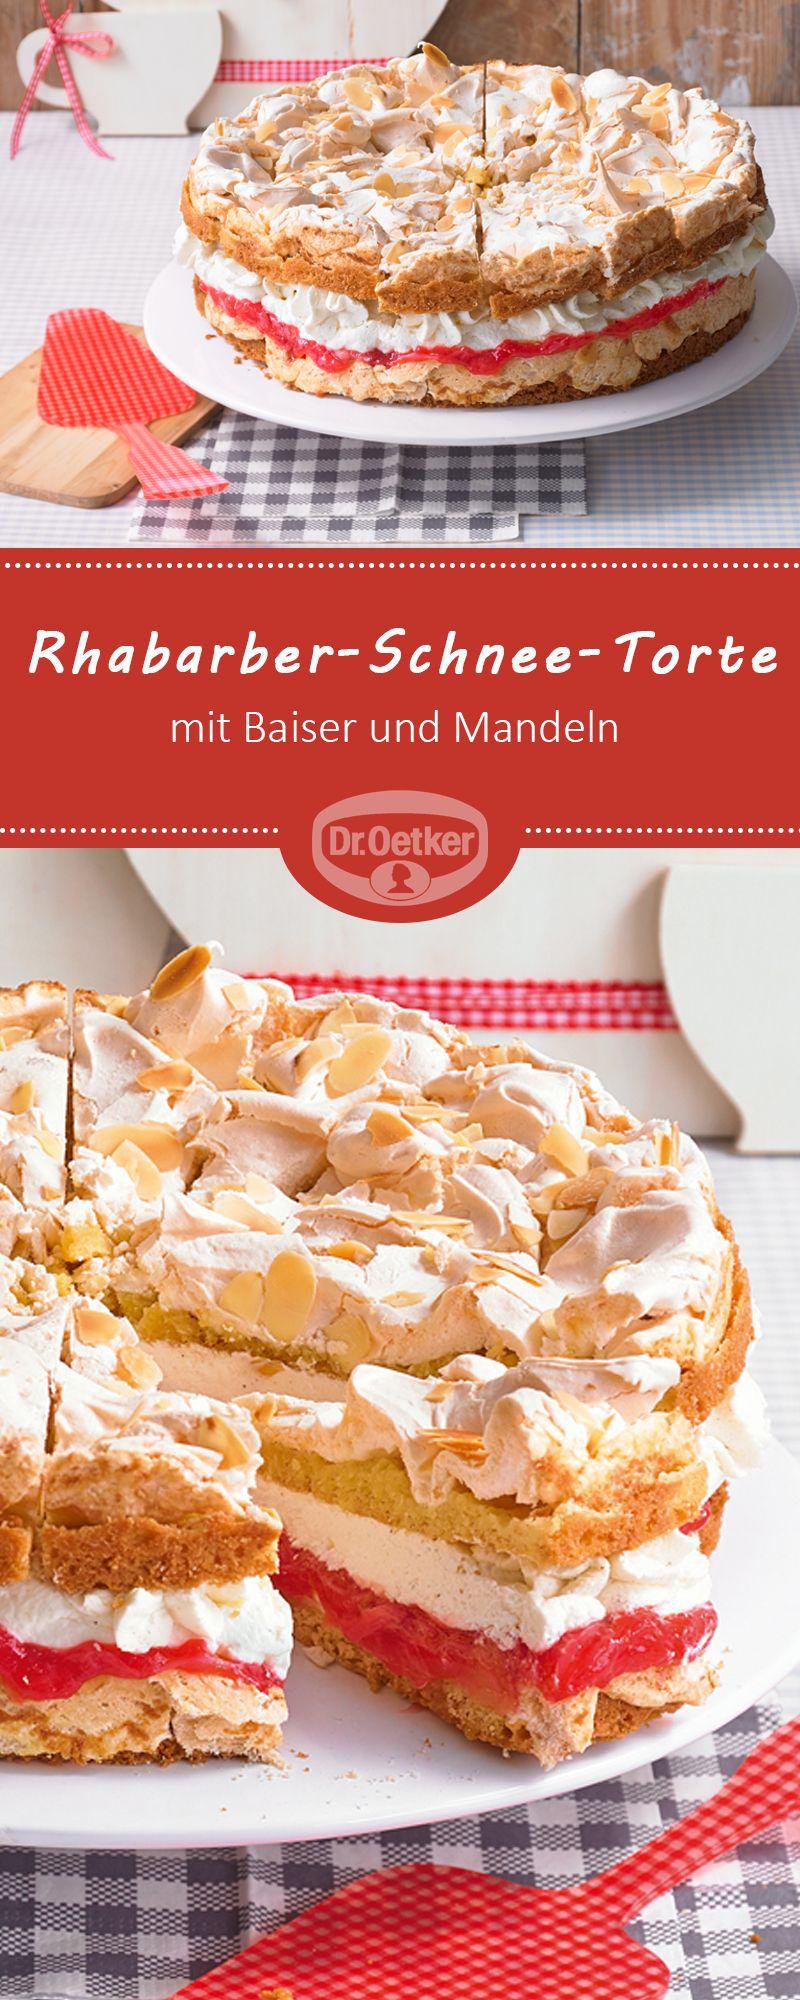 Rhabarber Schnee Torte Rezept Torten Rezepte Rhabarberkuchen Und Rezepte